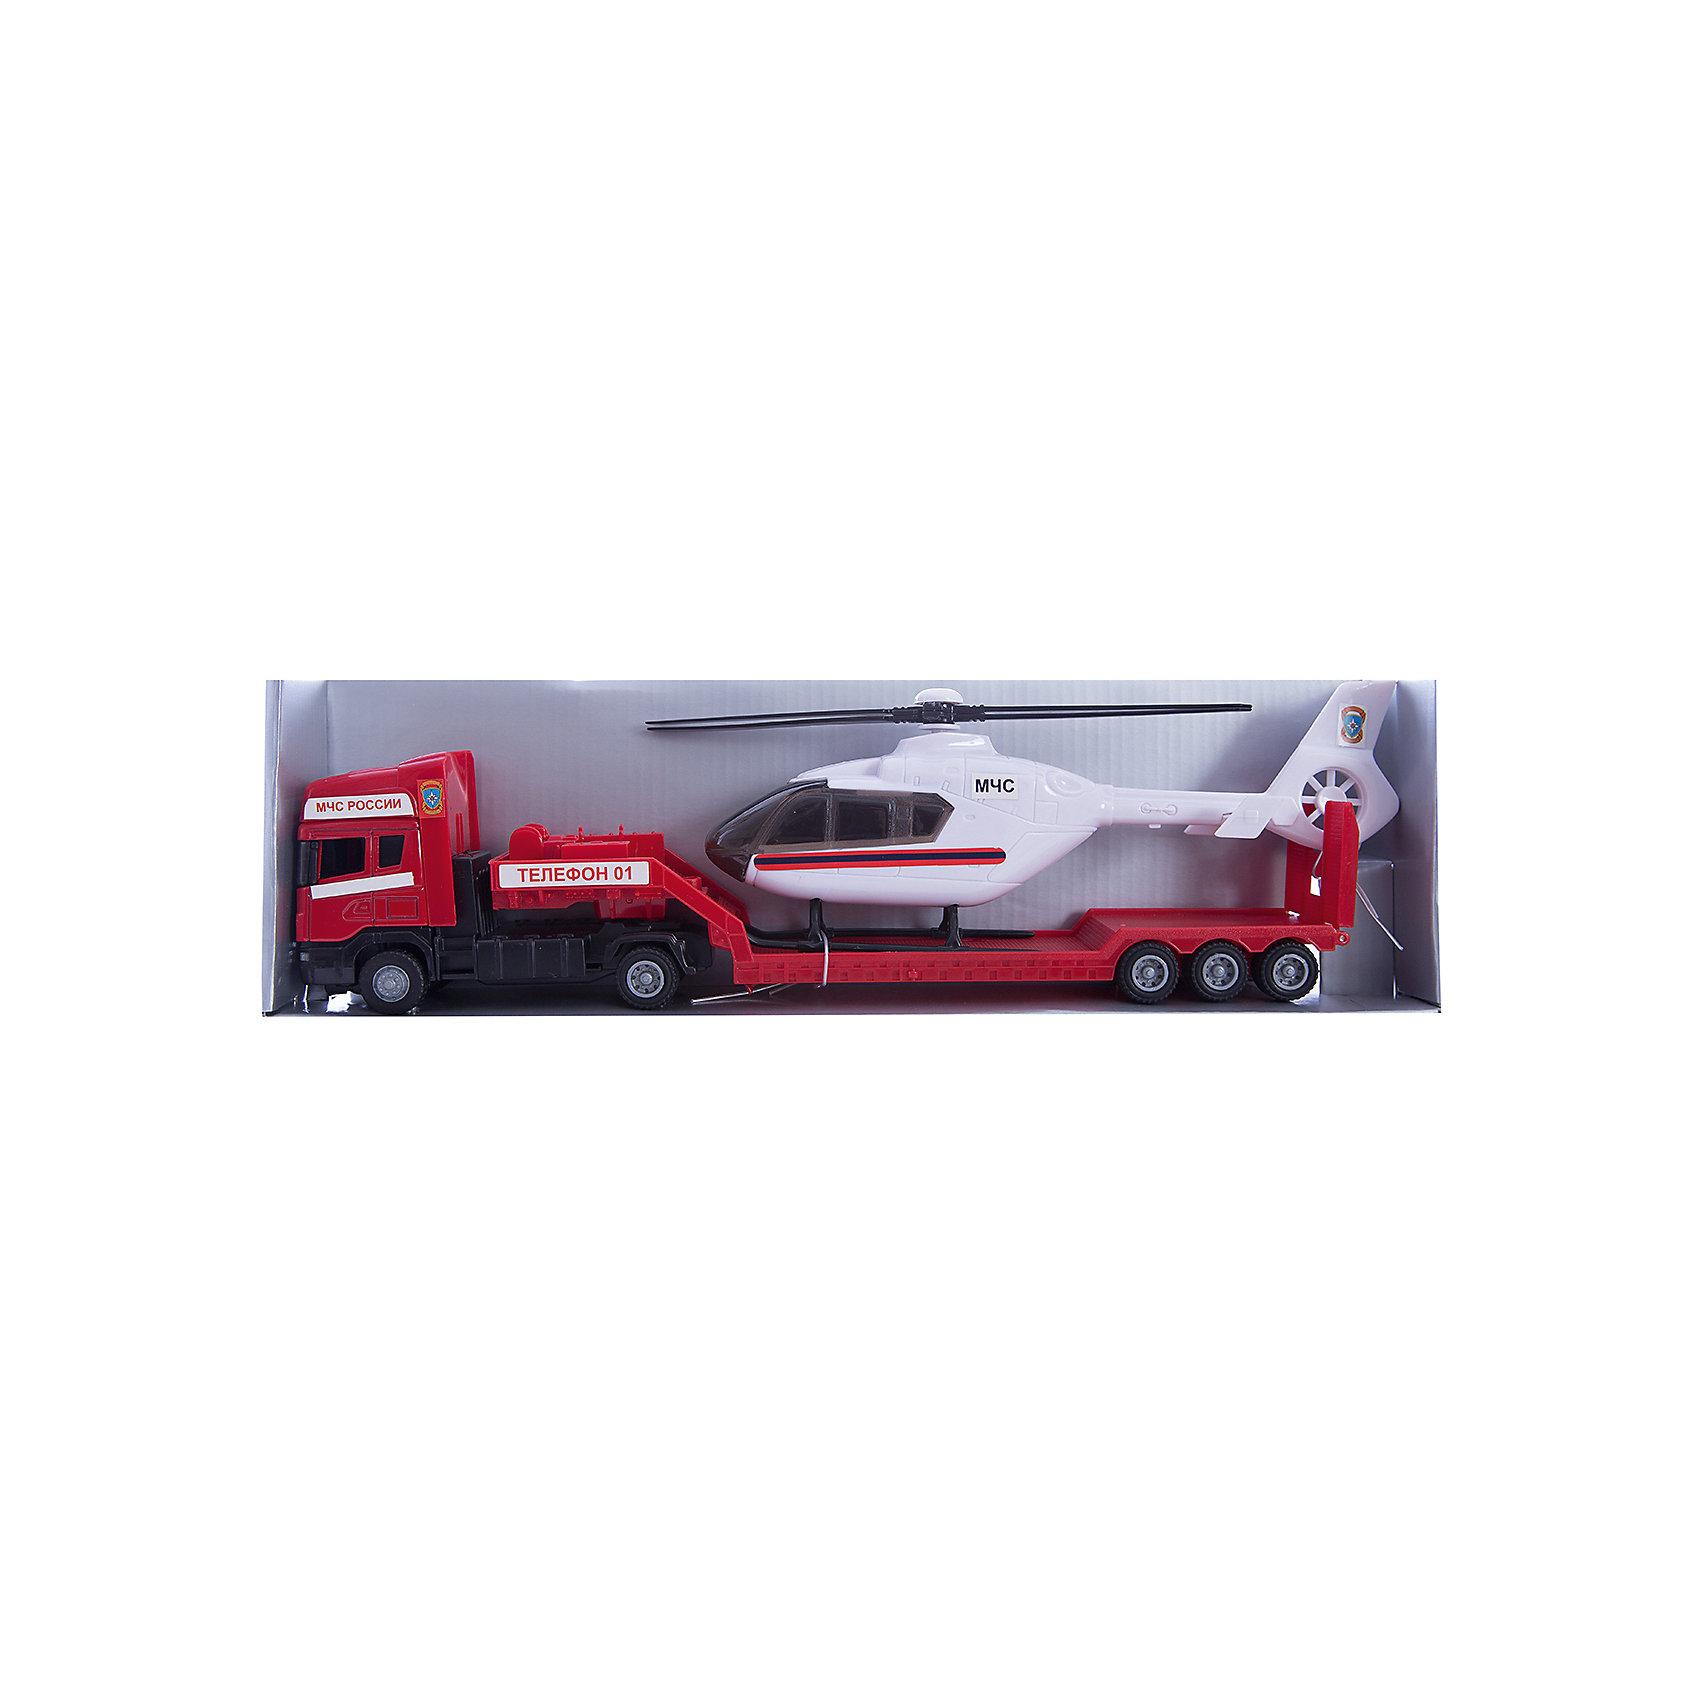 Машинка Scania пожарная с вертолетом 1:48, AutotimeМашинки<br>Характеристики товара:<br><br>• цвет: красный<br>• возраст: от 3 лет<br>• материал: металл, пластик<br>• масштаб: 1:48<br>• вертолет в комплекте<br>• размер упаковки: 35х6х12 см<br>• вес с упаковкой: 300 г<br>• страна бренда: Россия, Китай<br>• страна изготовитель: Китай<br><br>Эта машинка представляет собой миниатюрную копию машины с вертолетом. Она отличается высокой детализацией, является коллекционной моделью. <br><br>Сделана машинка из прочного и безопасного материала. Корпус - из металла и пластика.<br><br>Машинку «Scania пожарная с вертолетом 1:48», Autotime (Автотайм) можно купить в нашем интернет-магазине.<br><br>Ширина мм: 362<br>Глубина мм: 114<br>Высота мм: 146<br>Вес г: 15<br>Возраст от месяцев: 36<br>Возраст до месяцев: 2147483647<br>Пол: Мужской<br>Возраст: Детский<br>SKU: 5584134